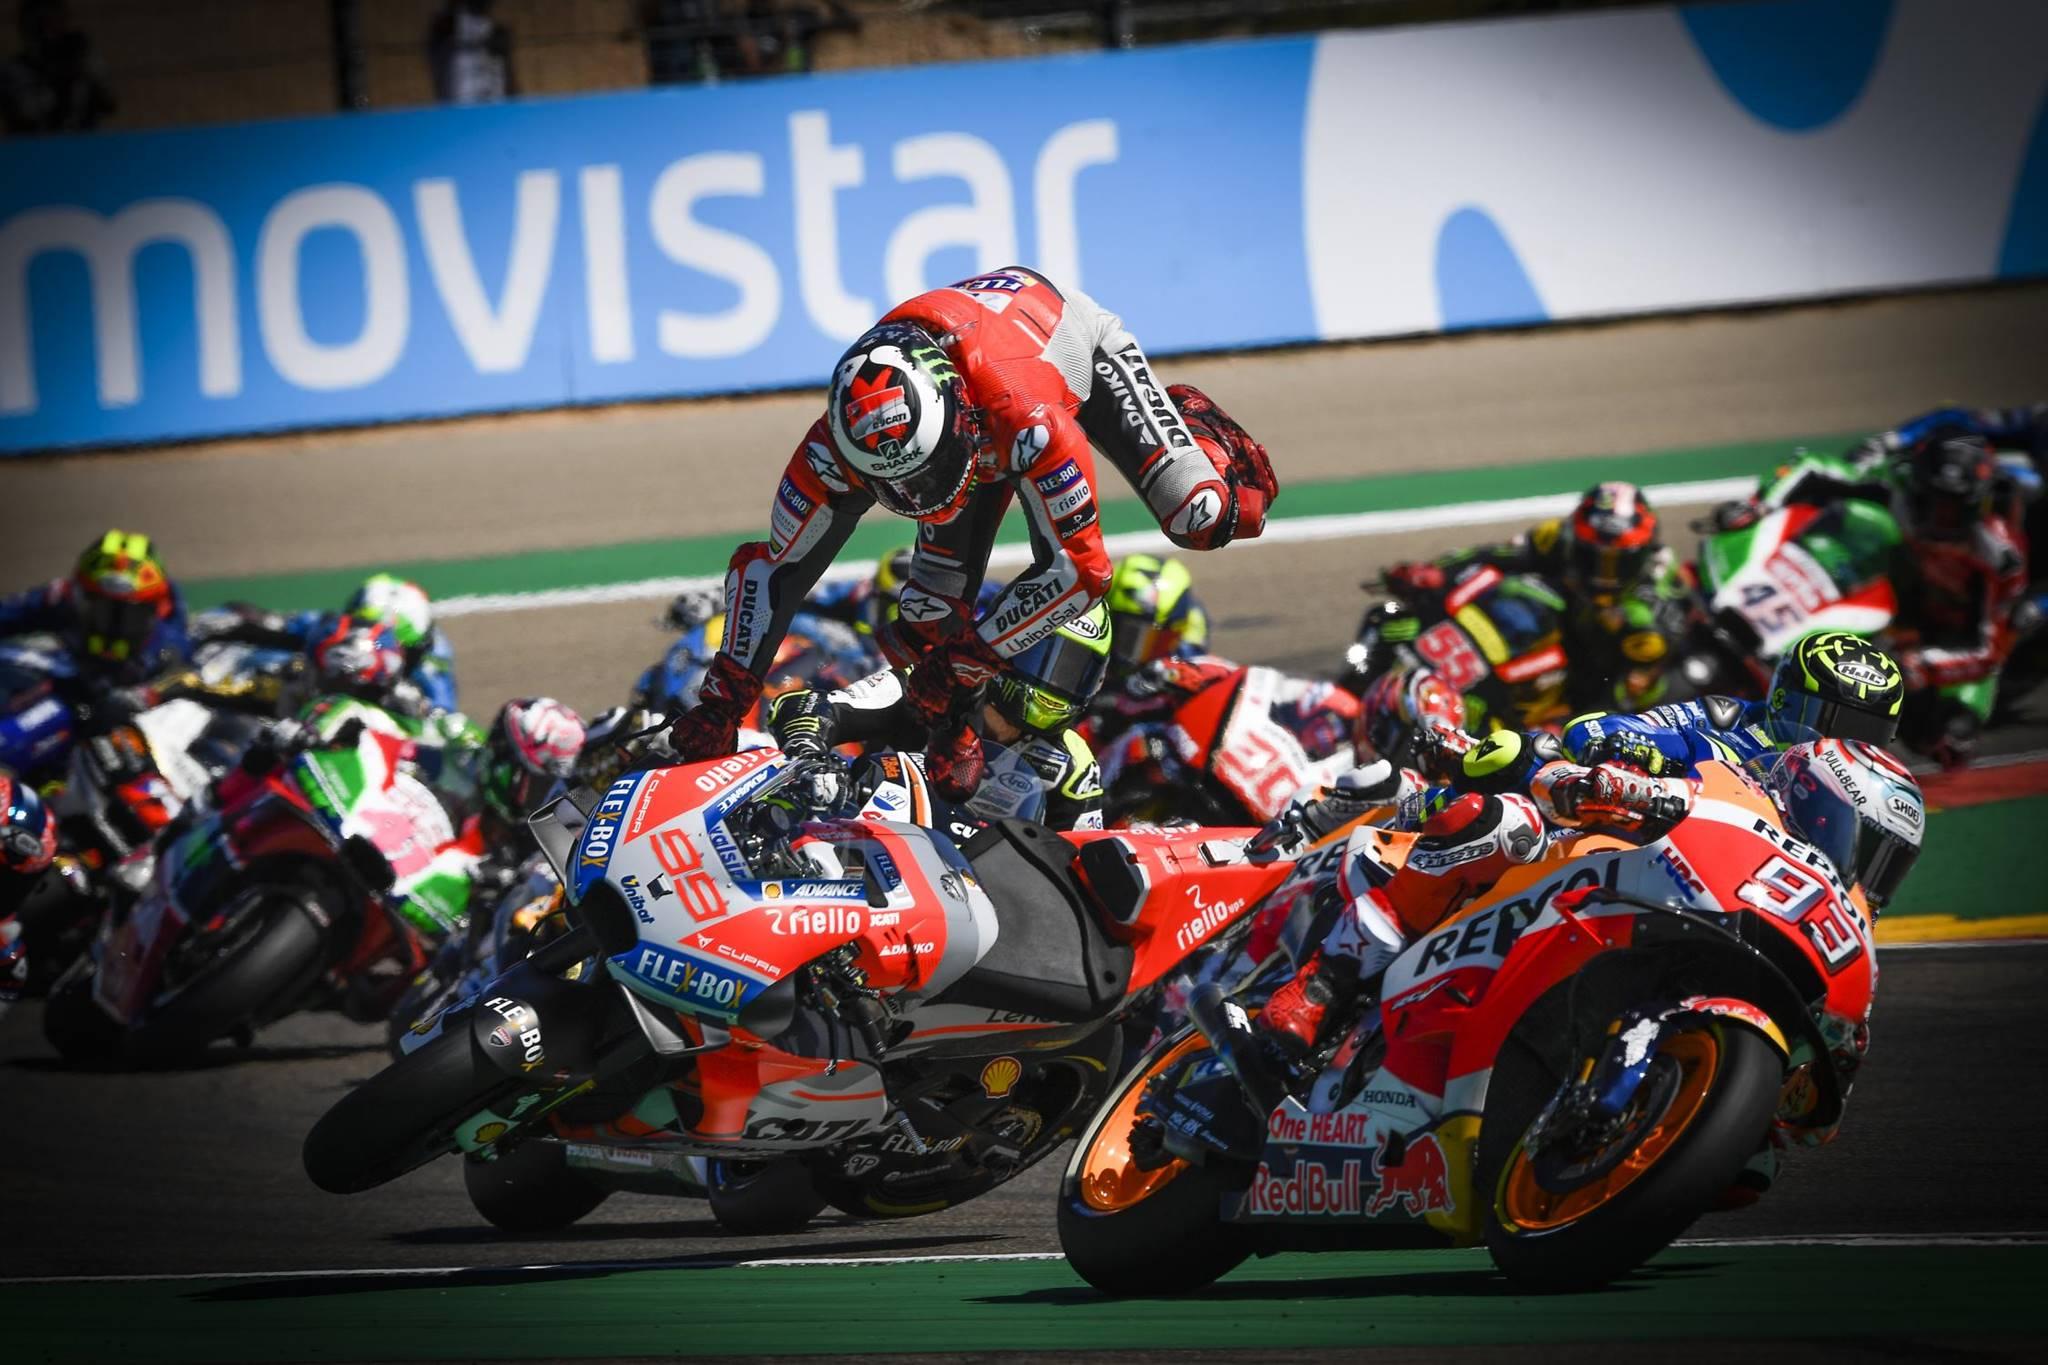 4432959_AragonGP_MotoGP_2018_Xe_Tinhte_002.jpg